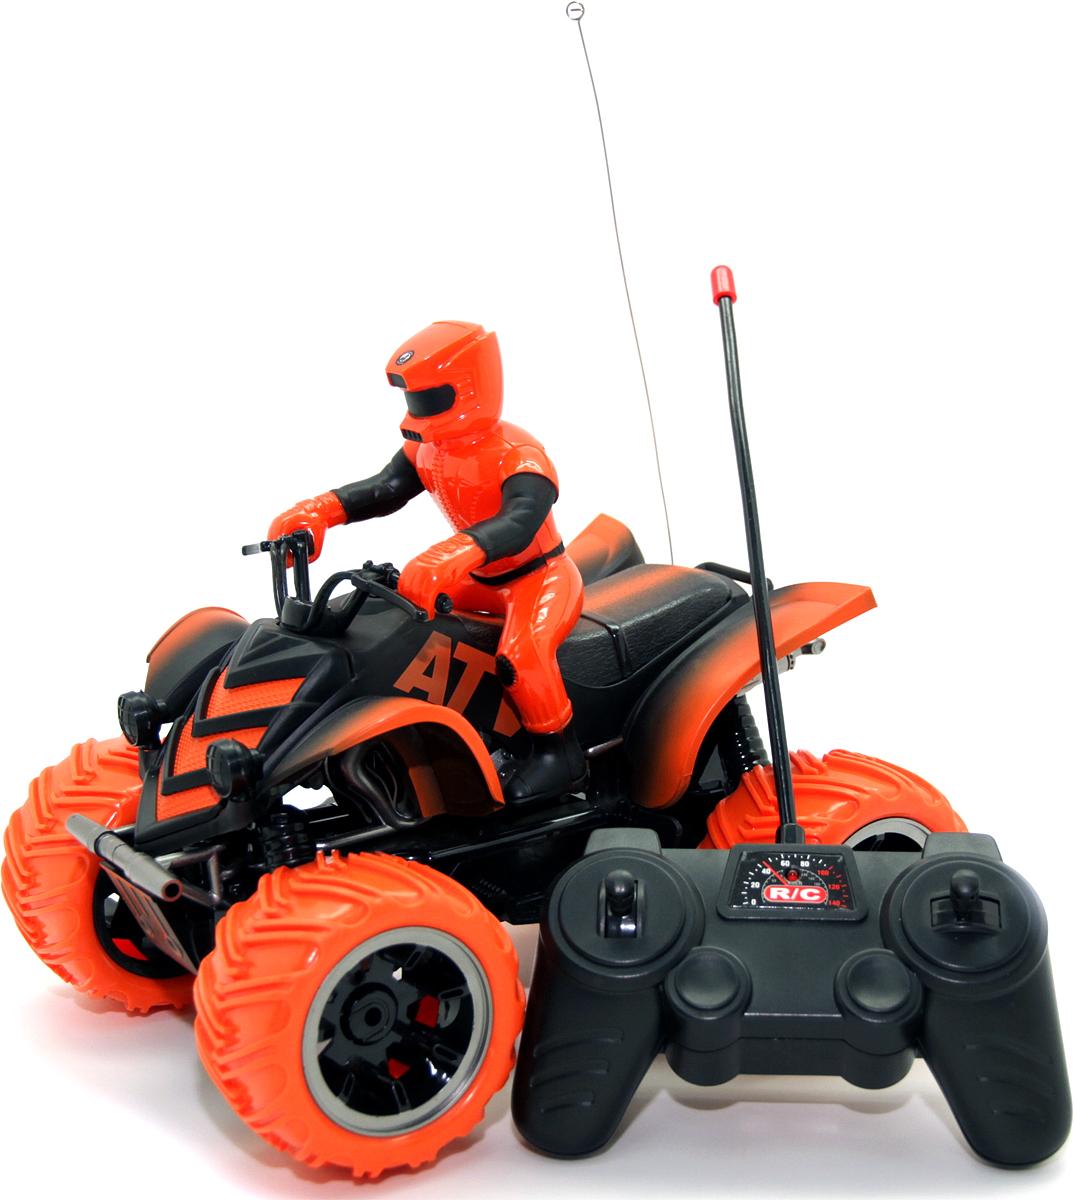 BalbiКвадроцикл на радиоуправлении Mtr-001-О цвет оранжевый A0G1082913 Balbi